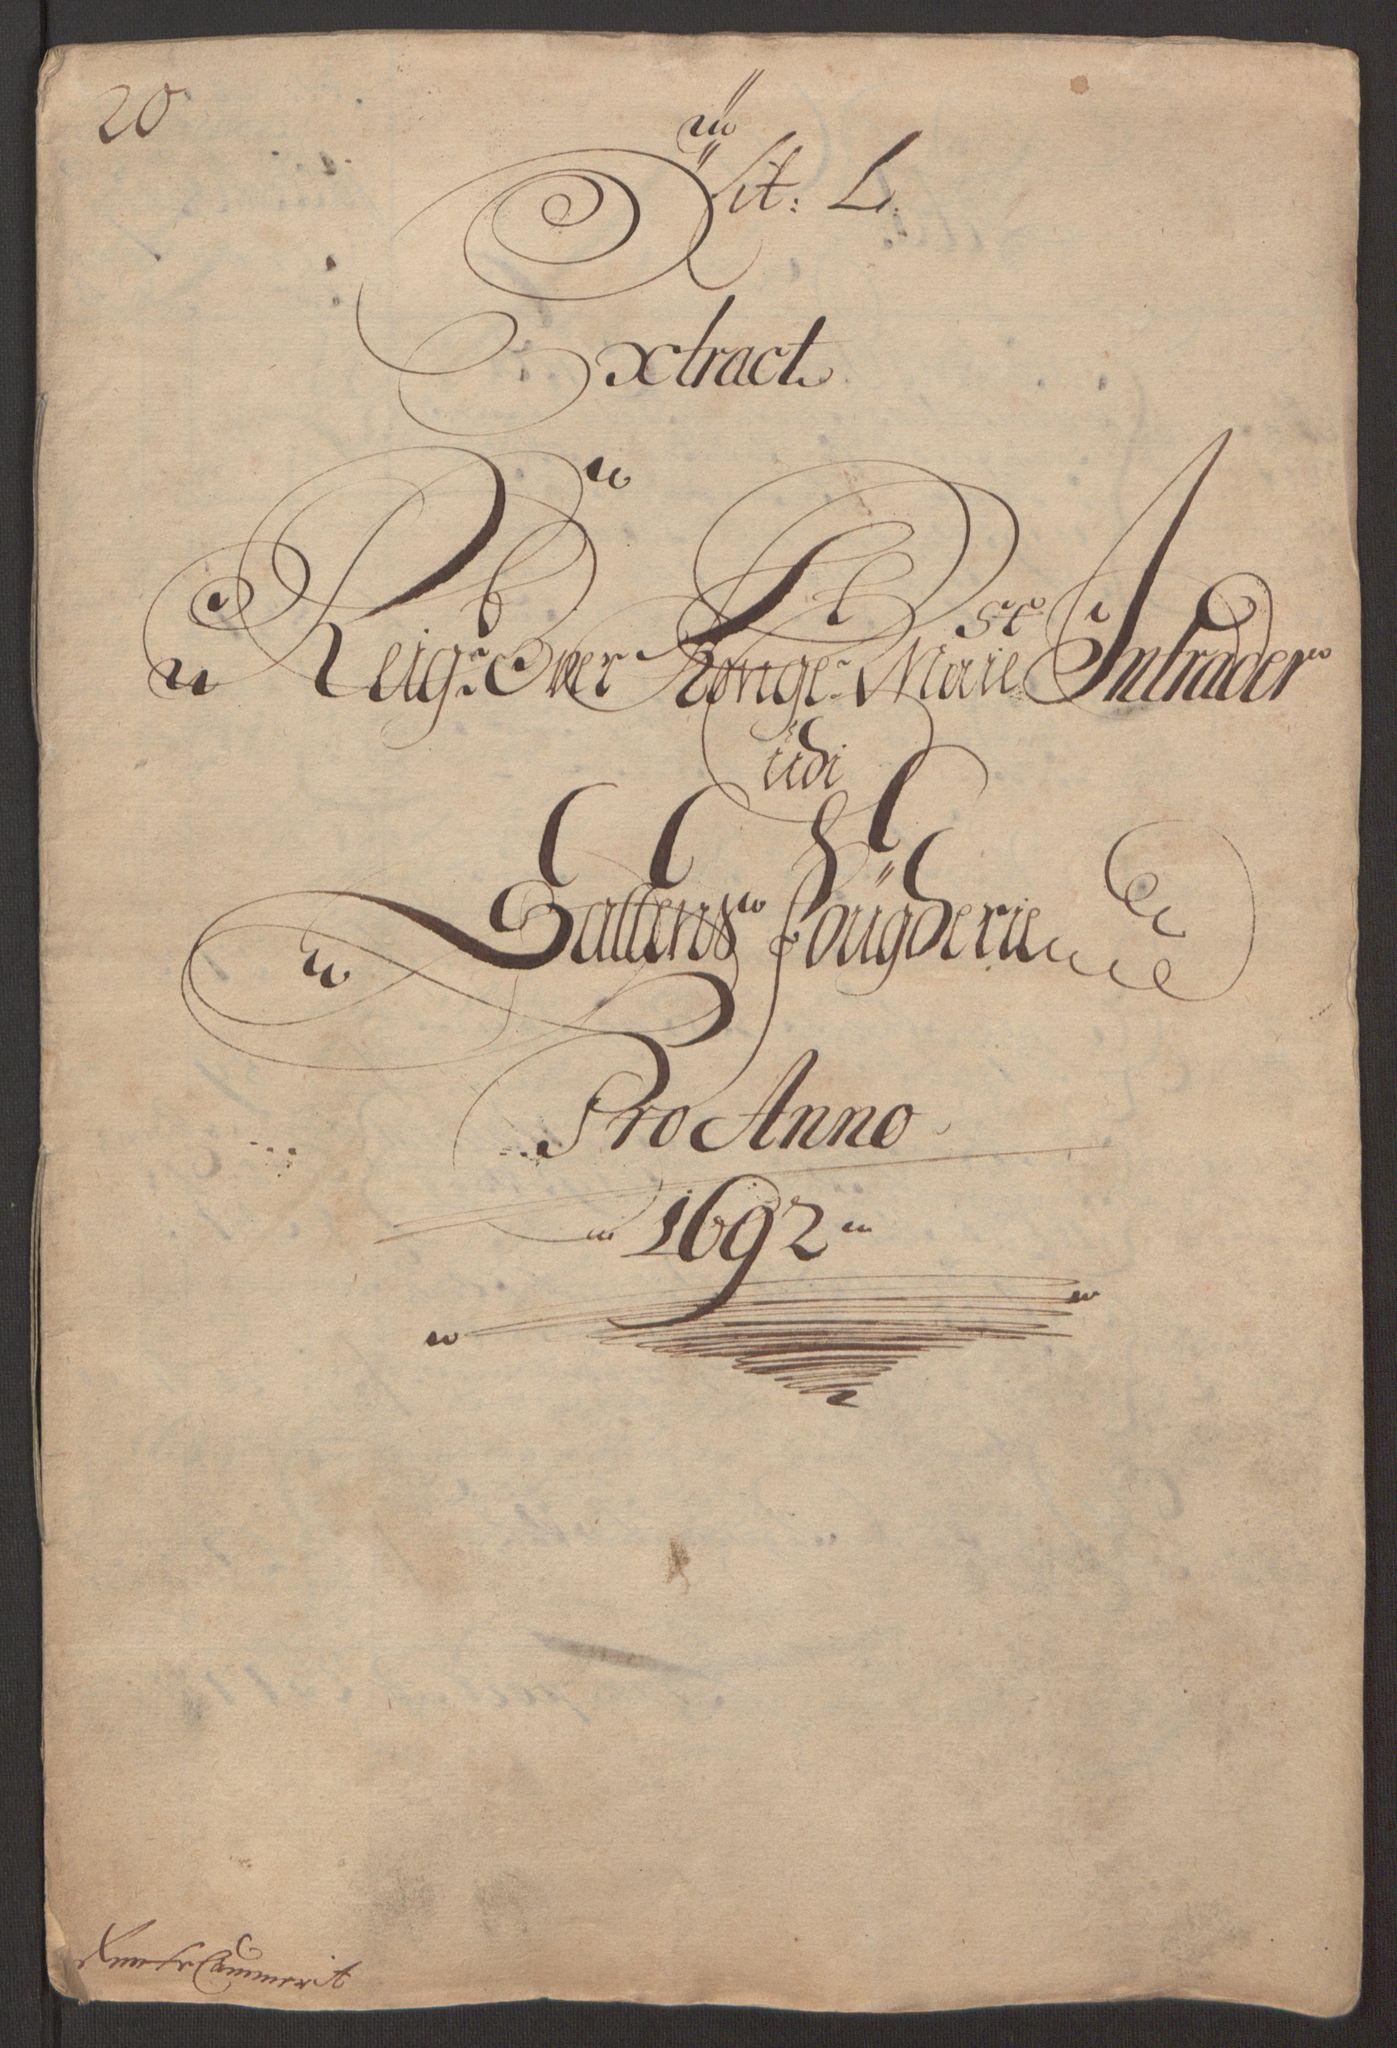 RA, Rentekammeret inntil 1814, Reviderte regnskaper, Fogderegnskap, R66/L4577: Fogderegnskap Salten, 1691-1693, s. 129